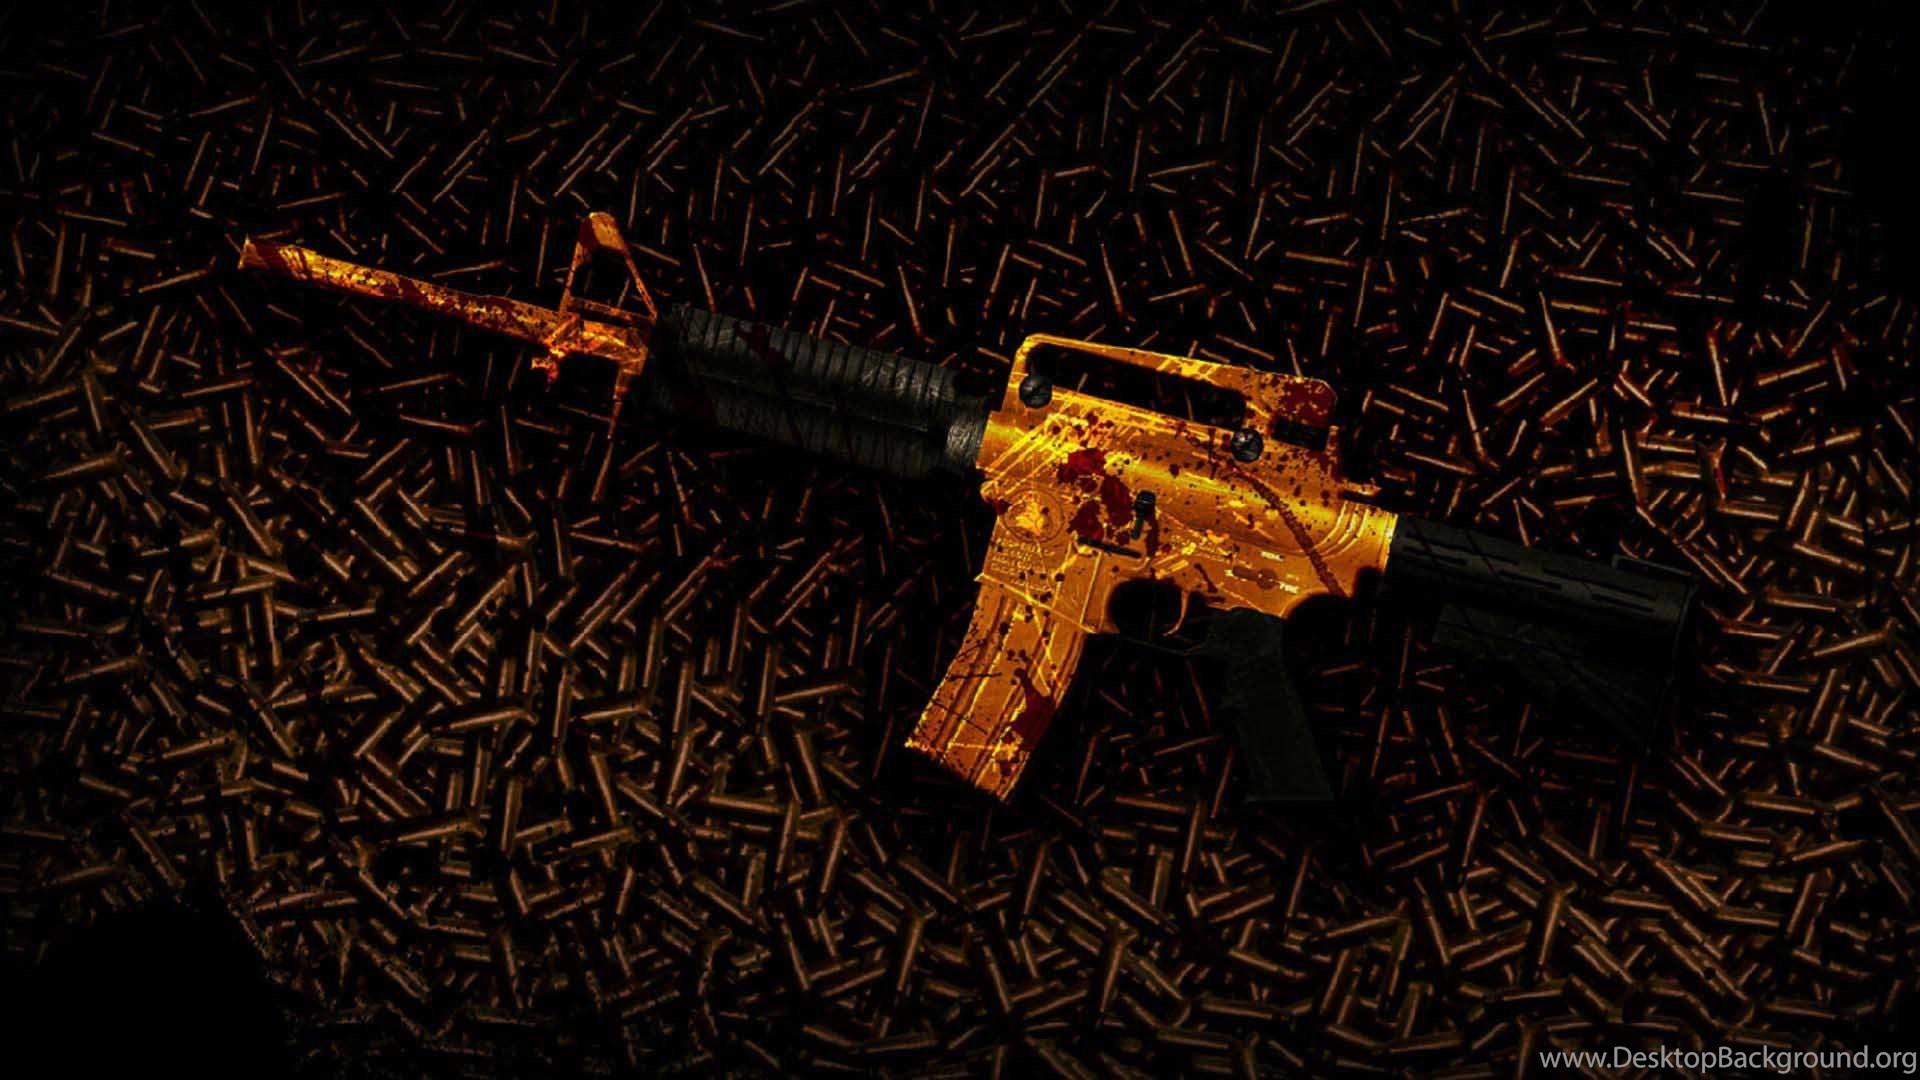 Download Wallpaper Fire Gold - 980590_wallpapers-gold-games-crossfire-fire-cf-cross-m-gun-best-173772-8_1920x1080_h  Picture_833359 .jpg